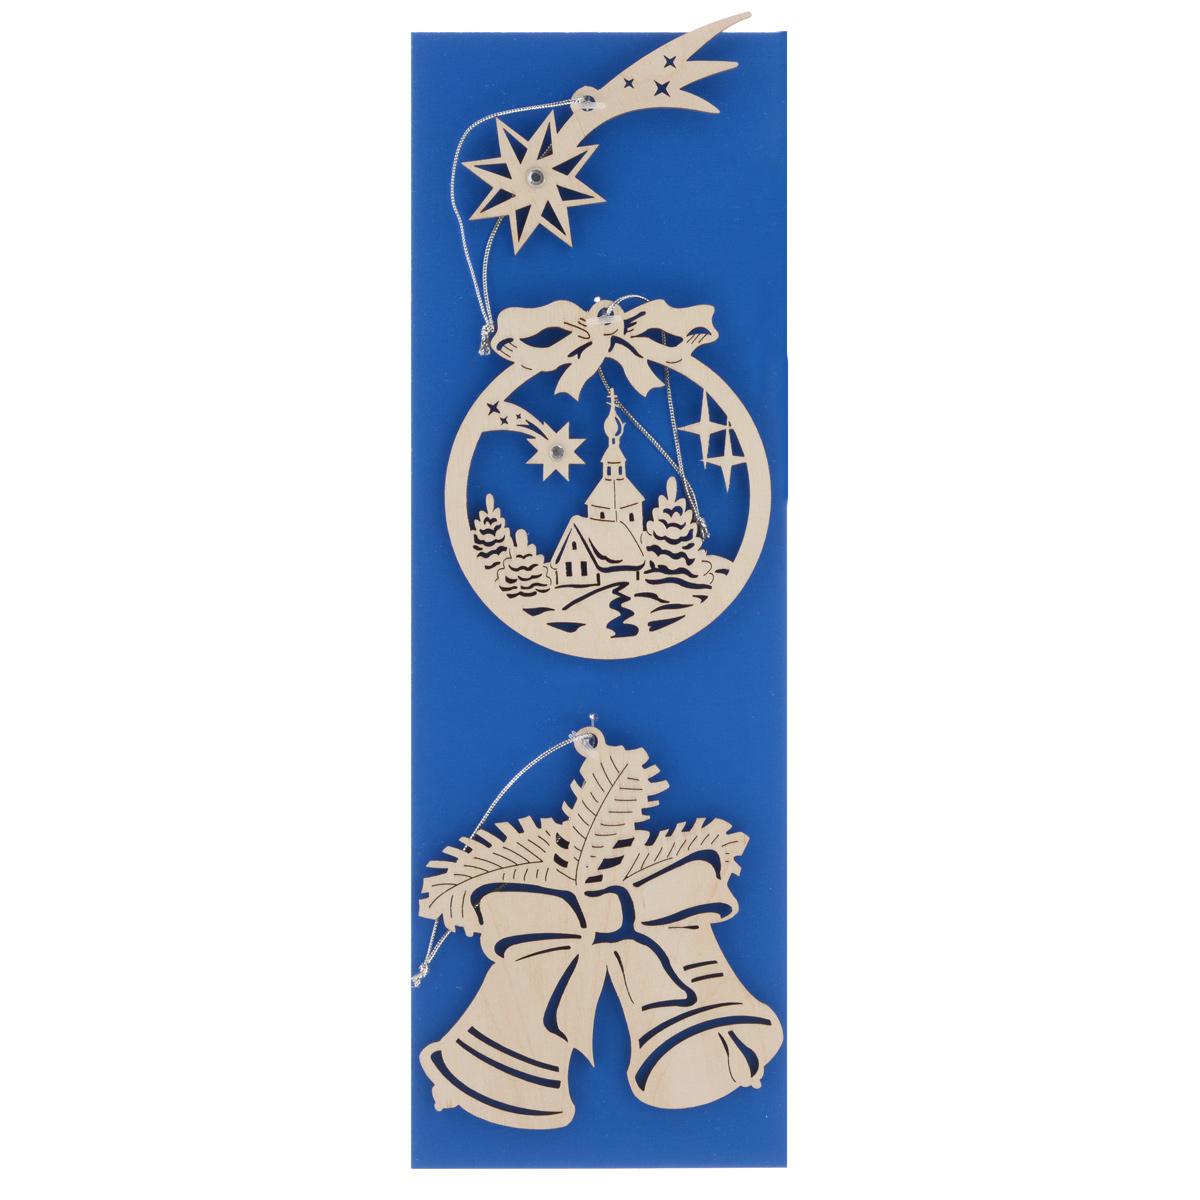 Набор новогодних подвесных украшений Караван-СТ, 3 предмета. Н-35Н-35Набор Караван-СТ состоит из 3 подвесных украшений, выполненных из экологичного шпона ценных пород древесины с применением лазерной резки. Оригинальные новогодние украшения в виде шара, звезды и колокольчиков прекрасно подойдут для праздничного декора дома и новогодней ели. С помощью специальной петельки их можно повесить в любом понравившемся вам месте. Но, конечно, удачнее всего такие игрушки будут смотреться на праздничной елке. Елочная игрушка - символ Нового года и Рождества. Она несет в себе волшебство и красоту праздника. Создайте в своем доме атмосферу веселья и радости, украшая новогоднюю елку нарядными игрушками, которые будут из года в год накапливать теплоту воспоминаний. Средний размер украшения: 8 см х 9 см х 0,4 см.